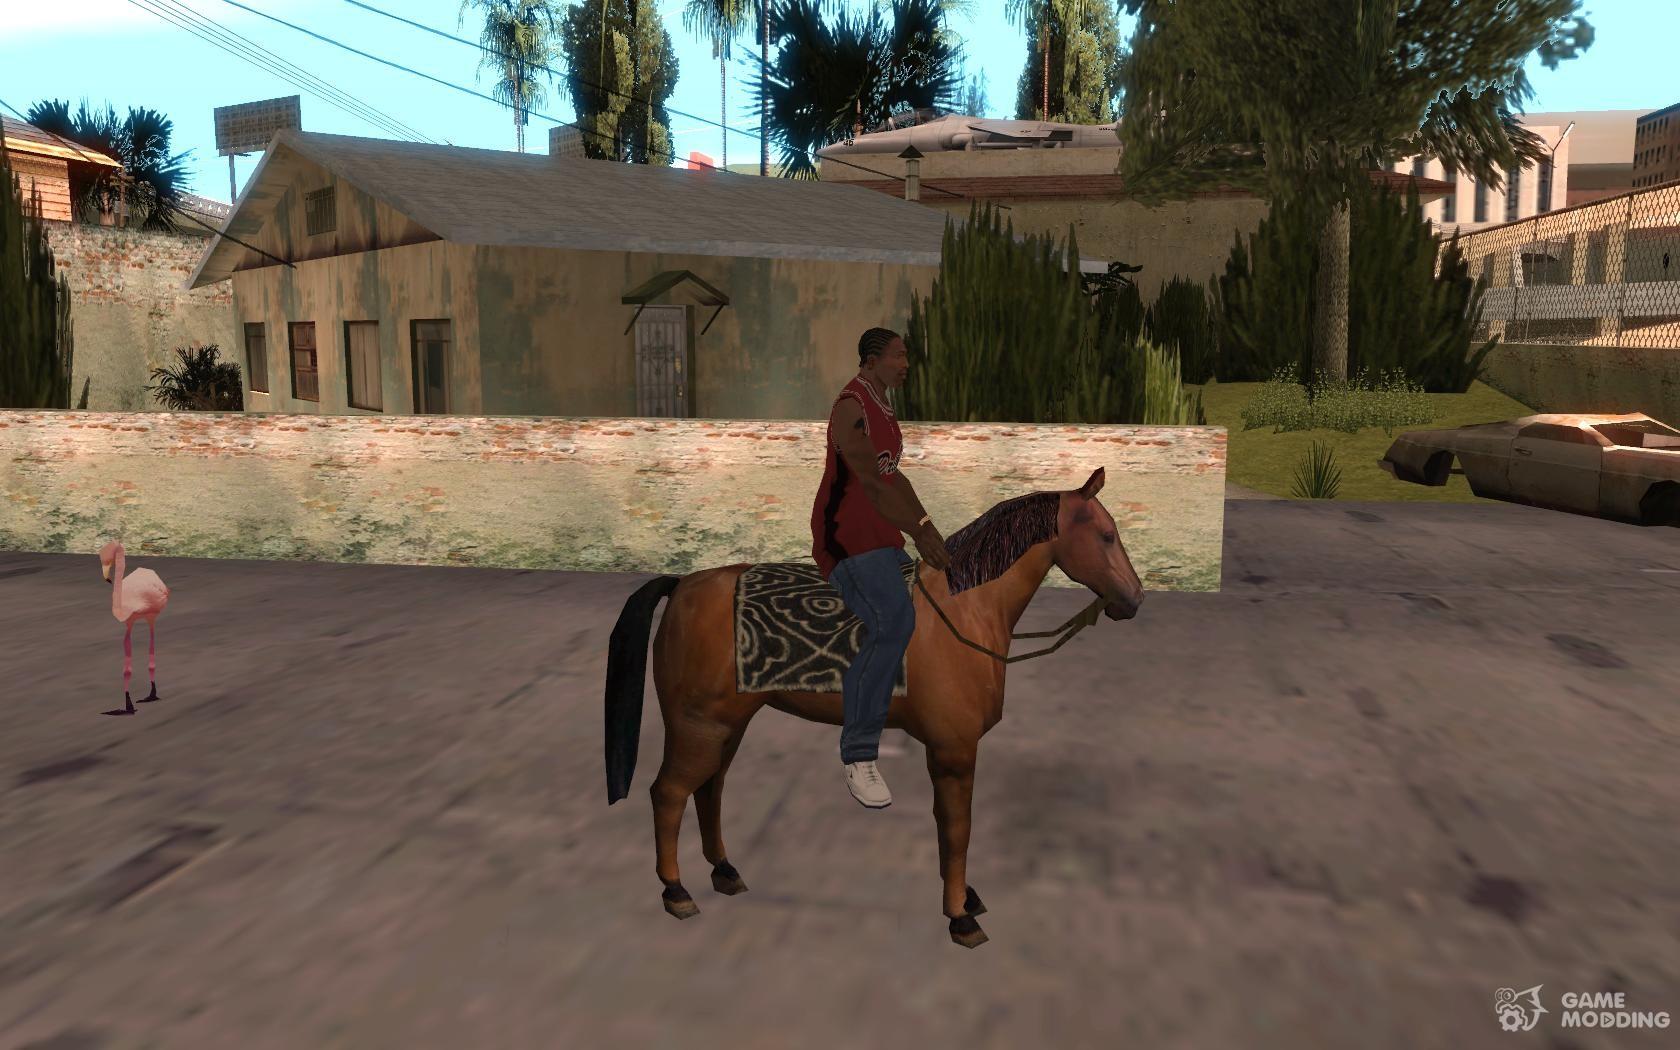 Скачать мод на гта сан андреас лошадь